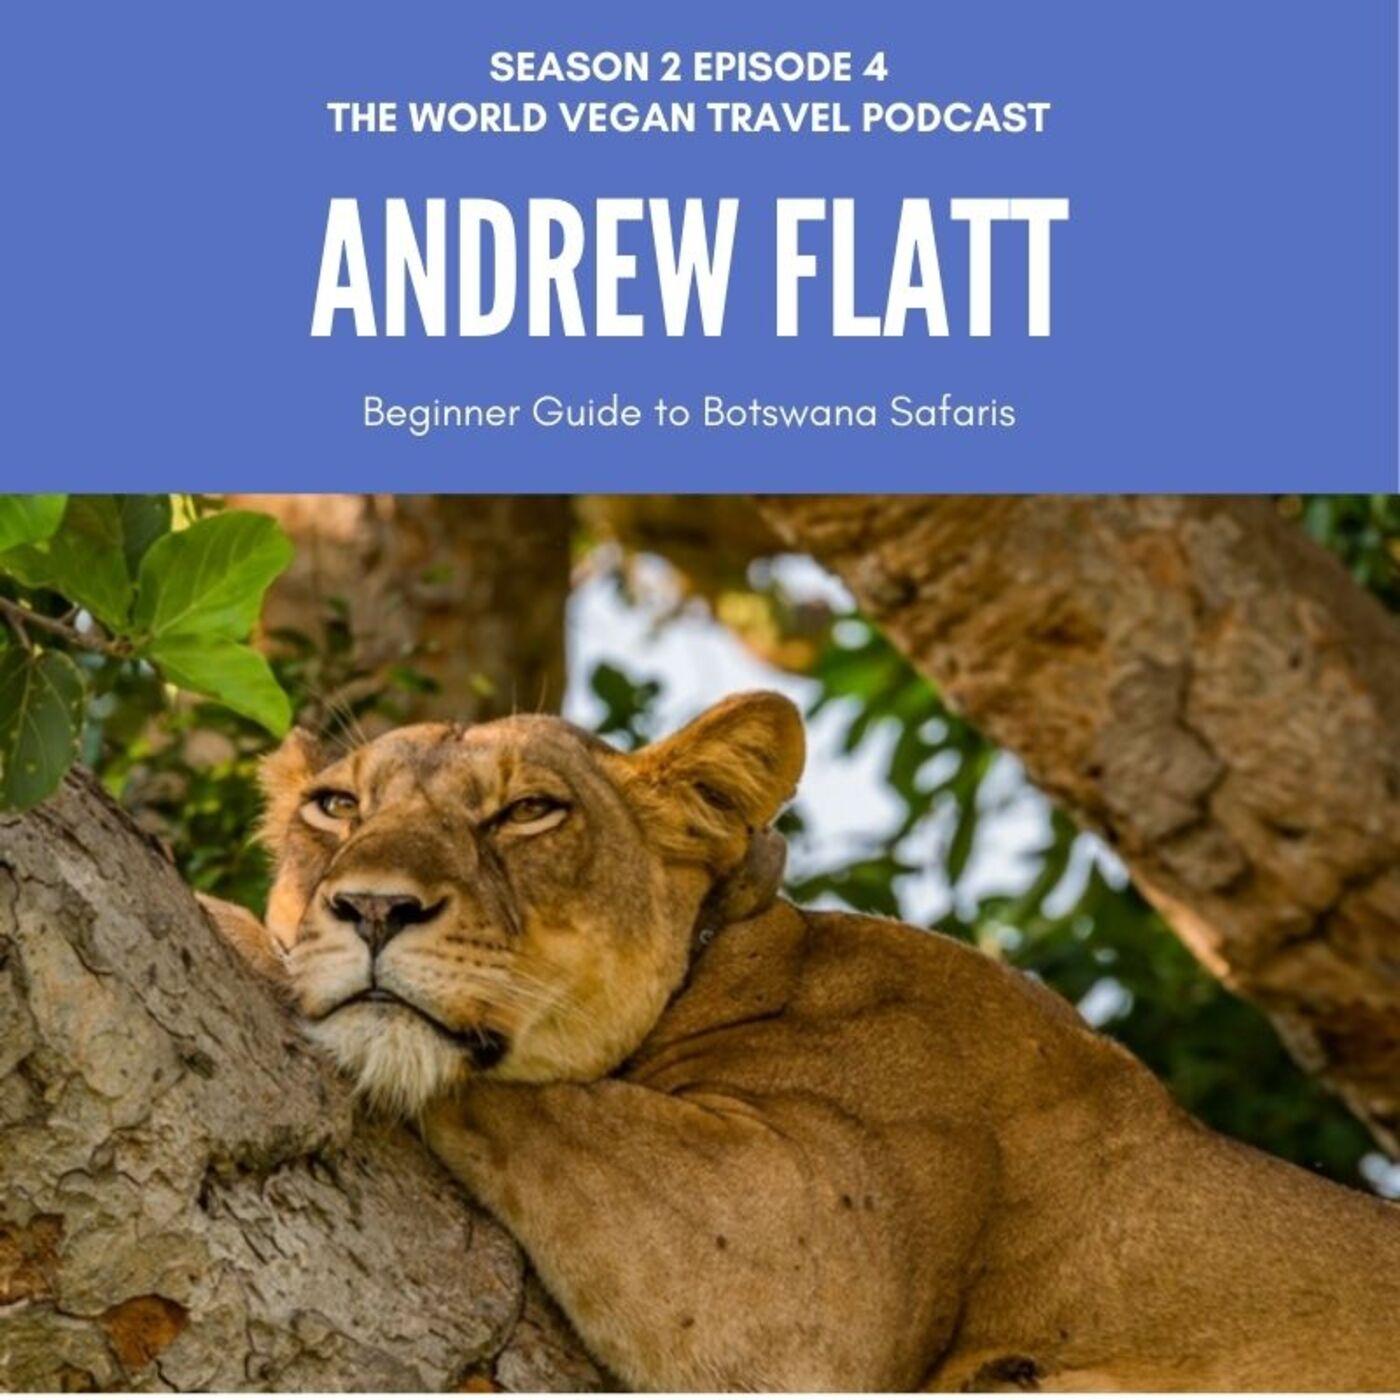 S2 Ep 4 | Beginner Guide to Botswana Safaris | Andrew Flatt, Desert and Delta Safaris